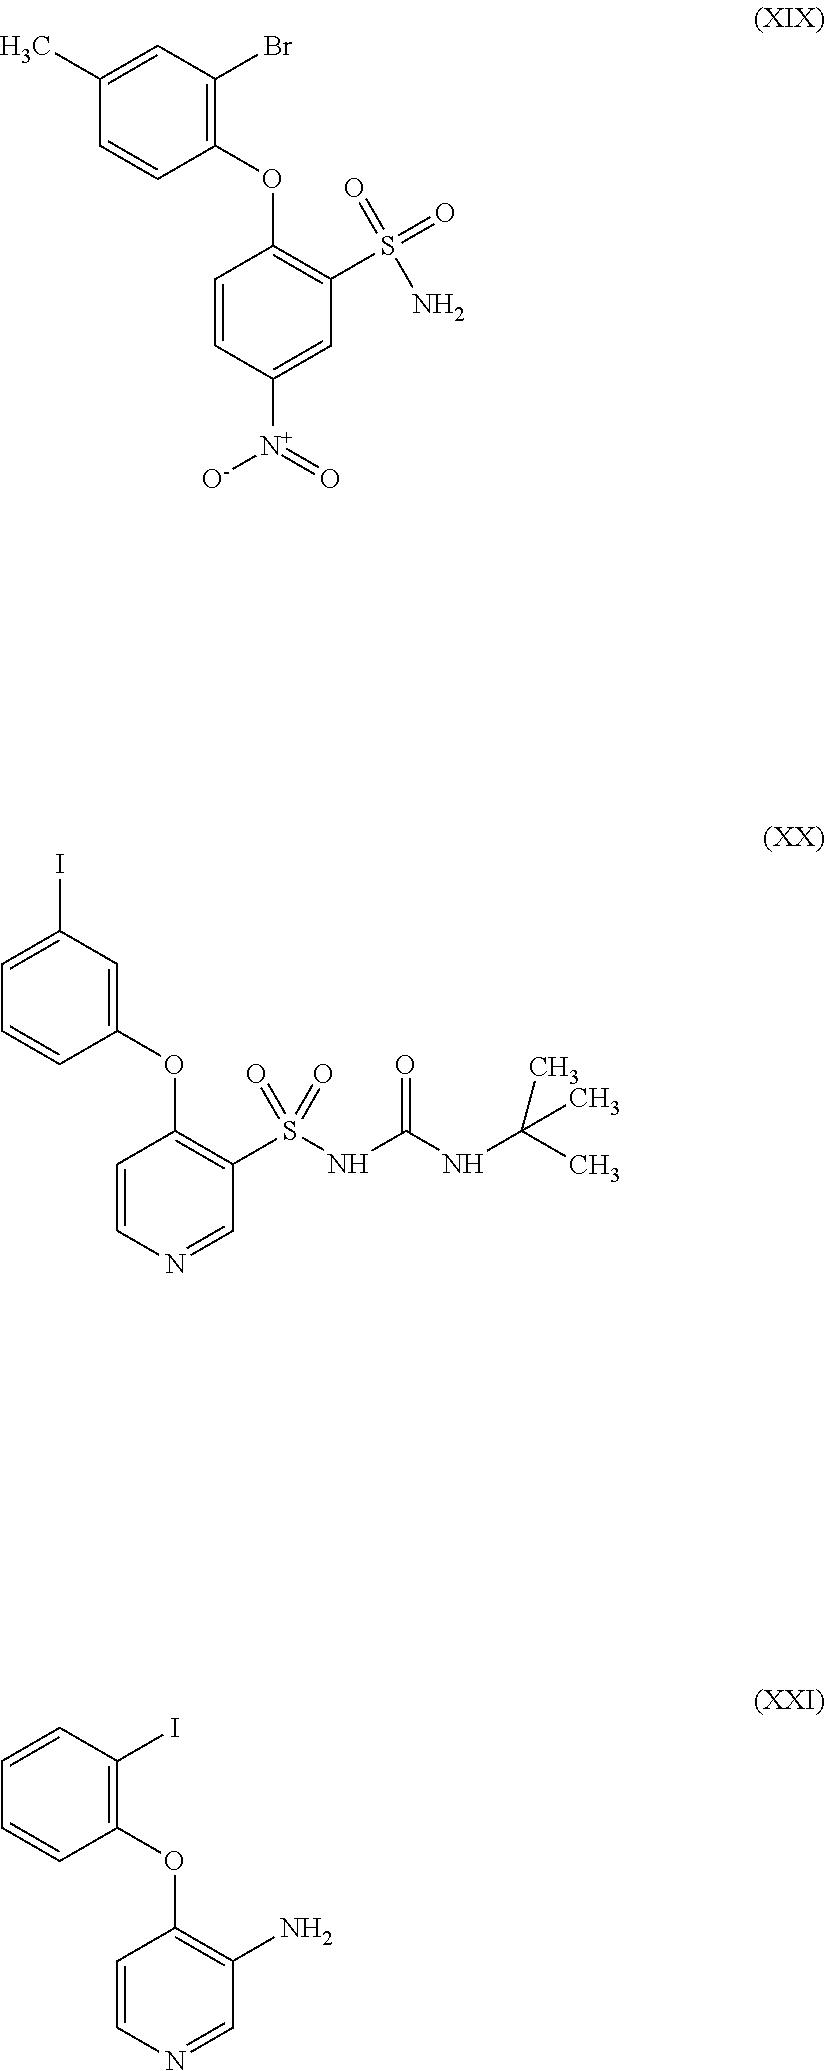 Figure US09718781-20170801-C00016